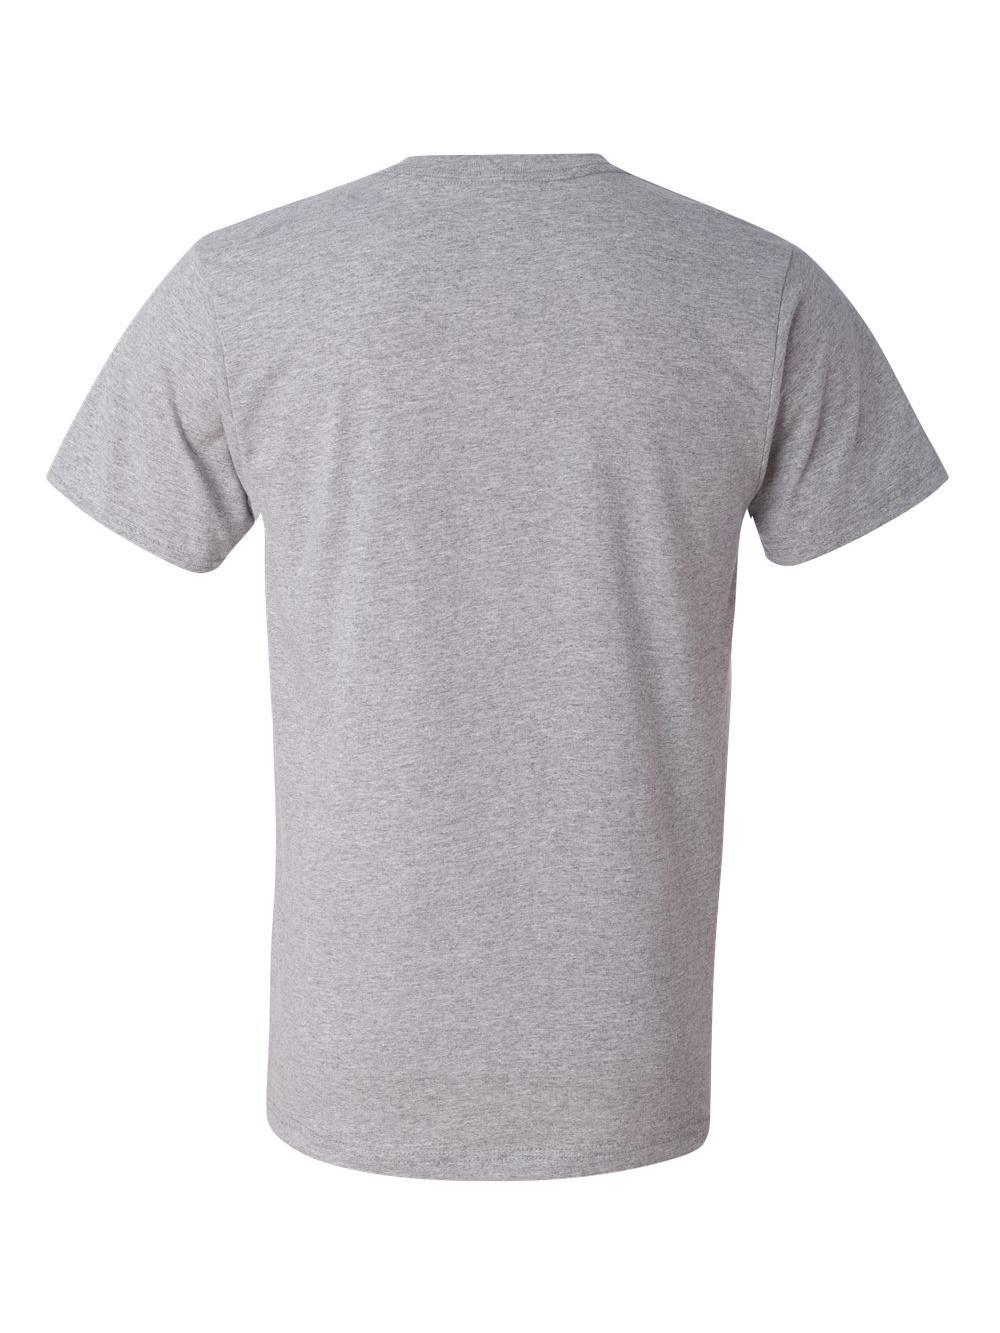 Anvil-Lightweight-Ringspun-V-Neck-T-Shirt-982 thumbnail 13